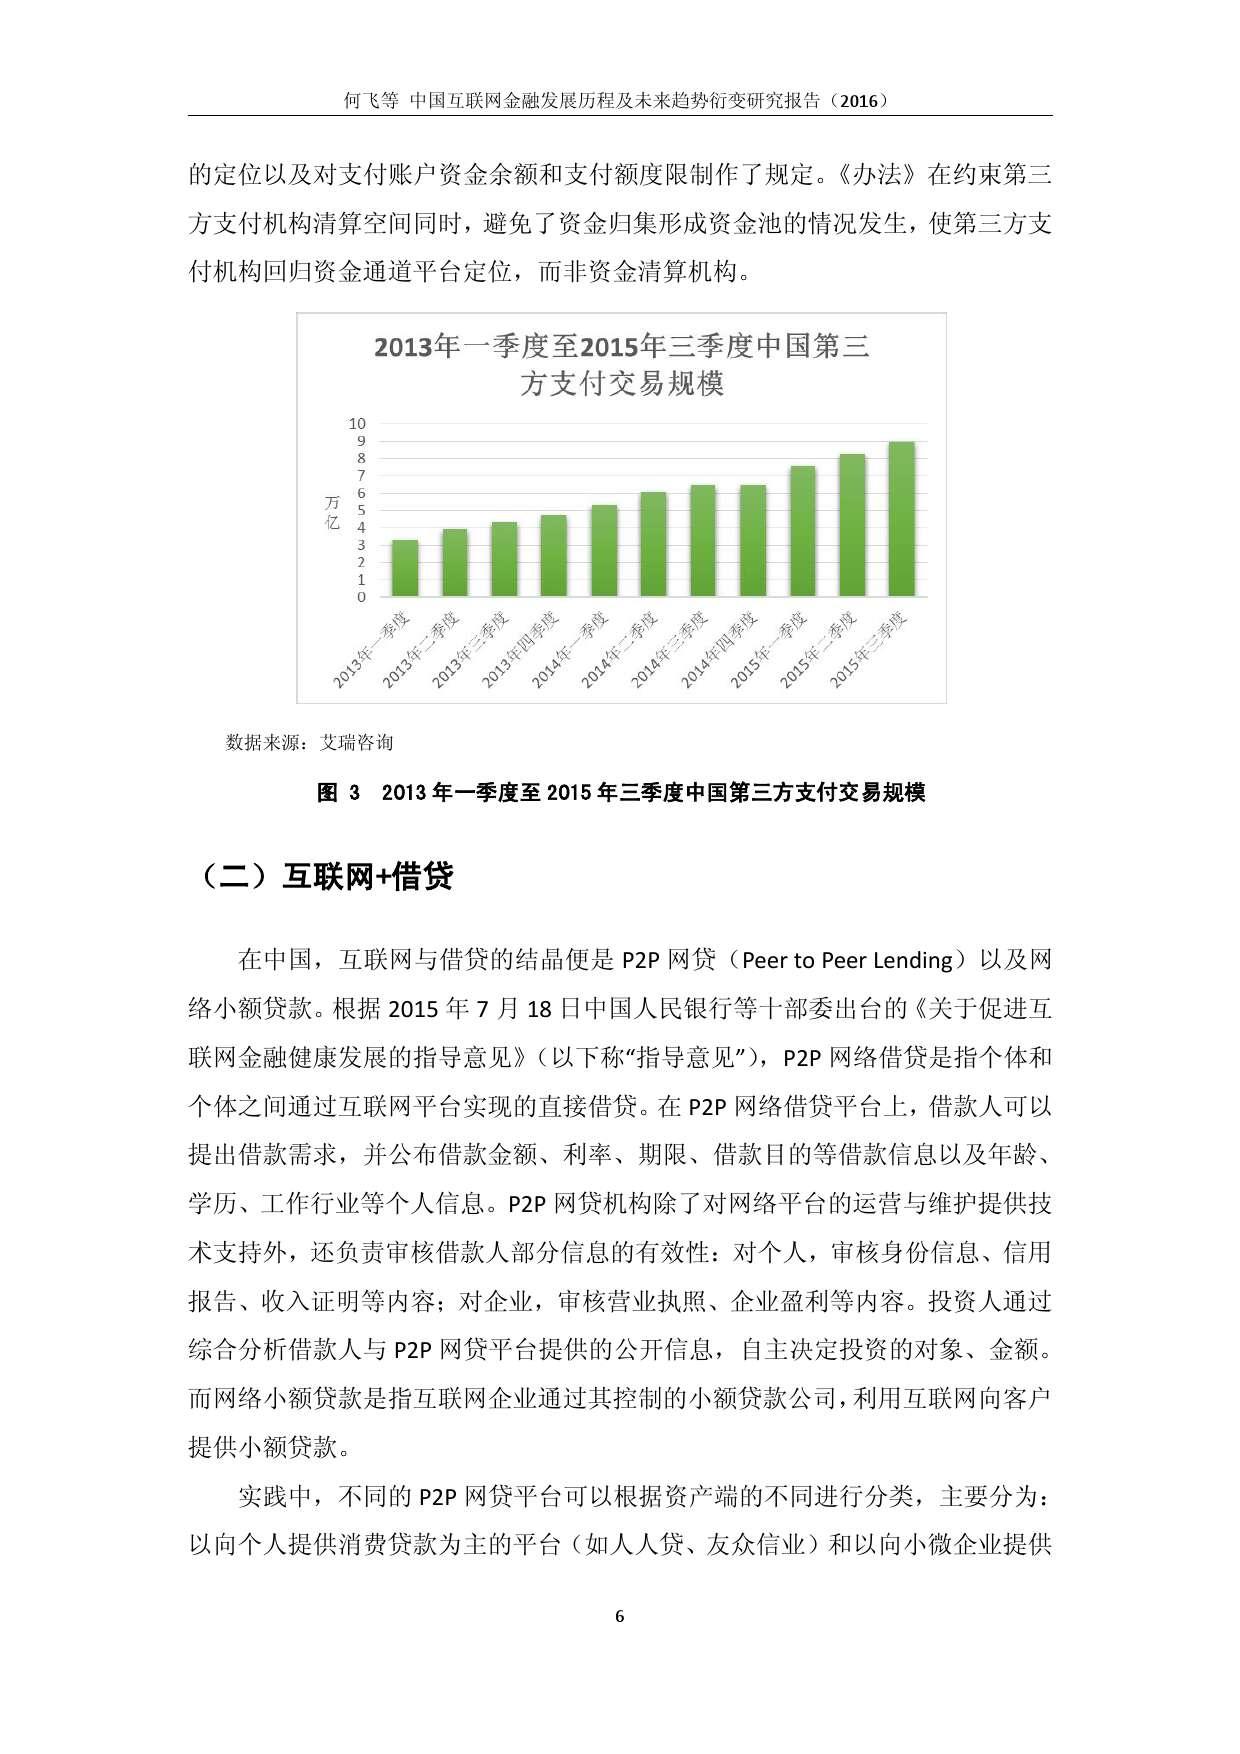 中国互联网金融发展历程及未来趋势衍变研究报告(2016)_000011